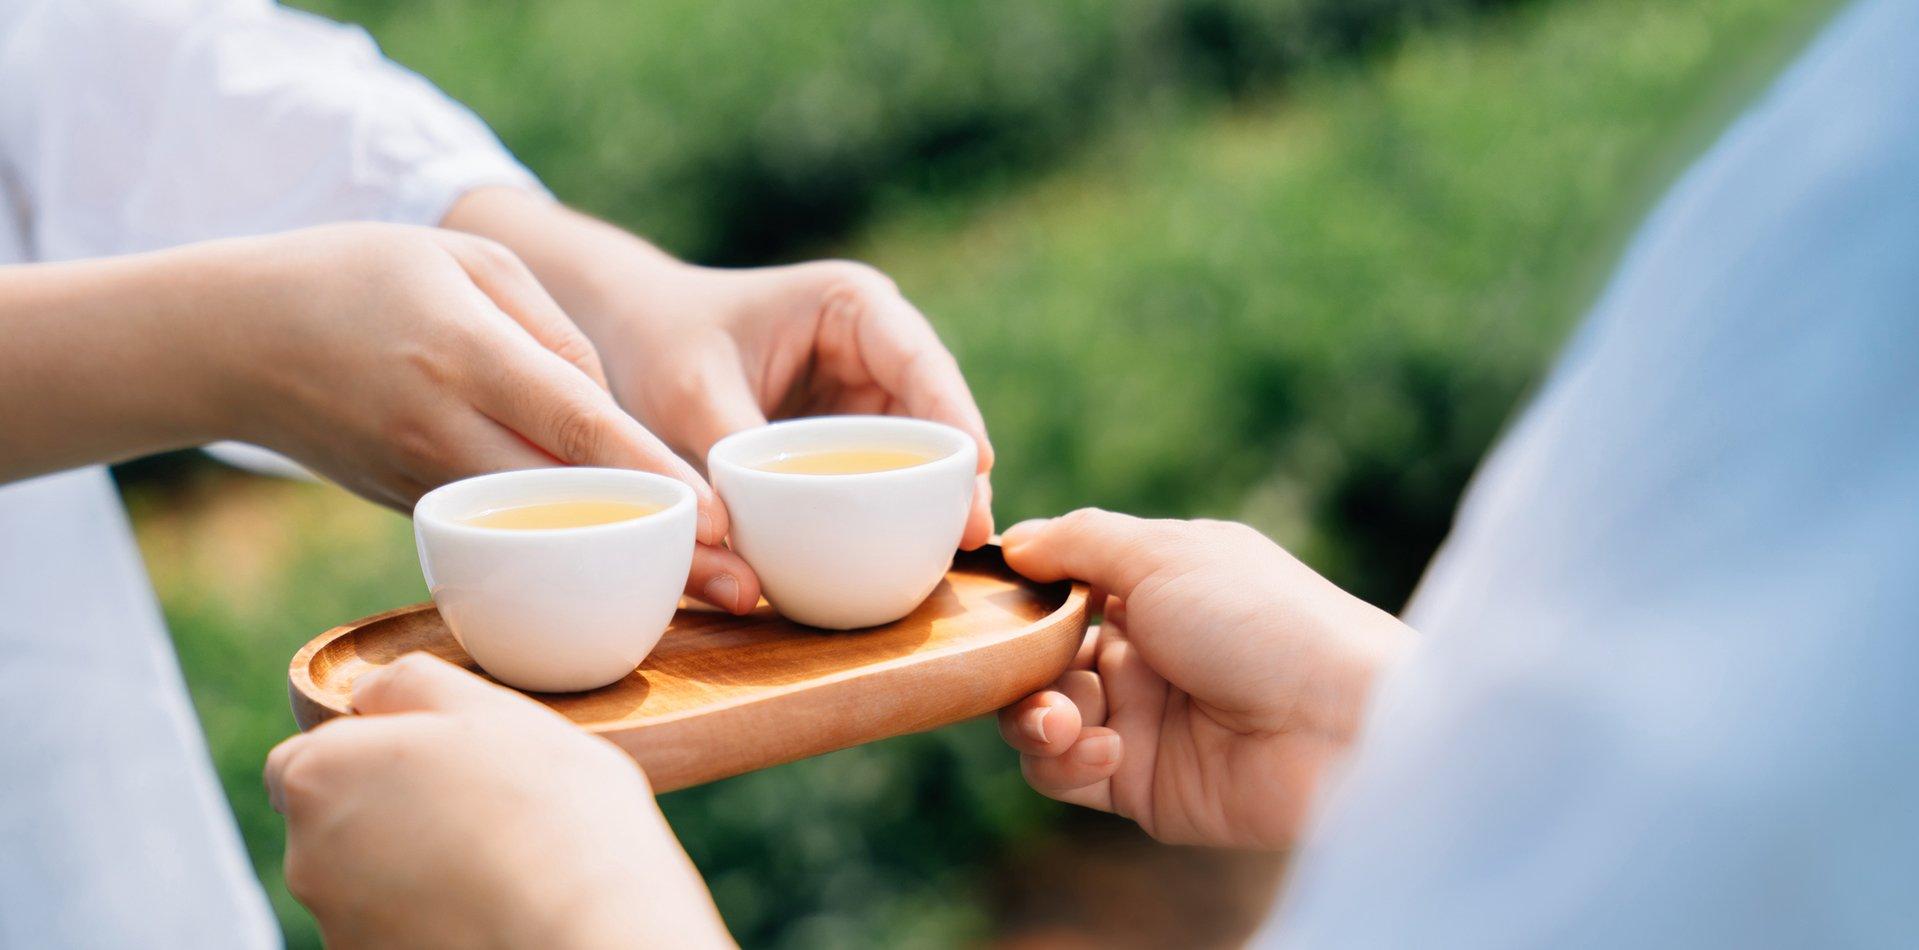 一杯好茶 ‧ 一刻分享